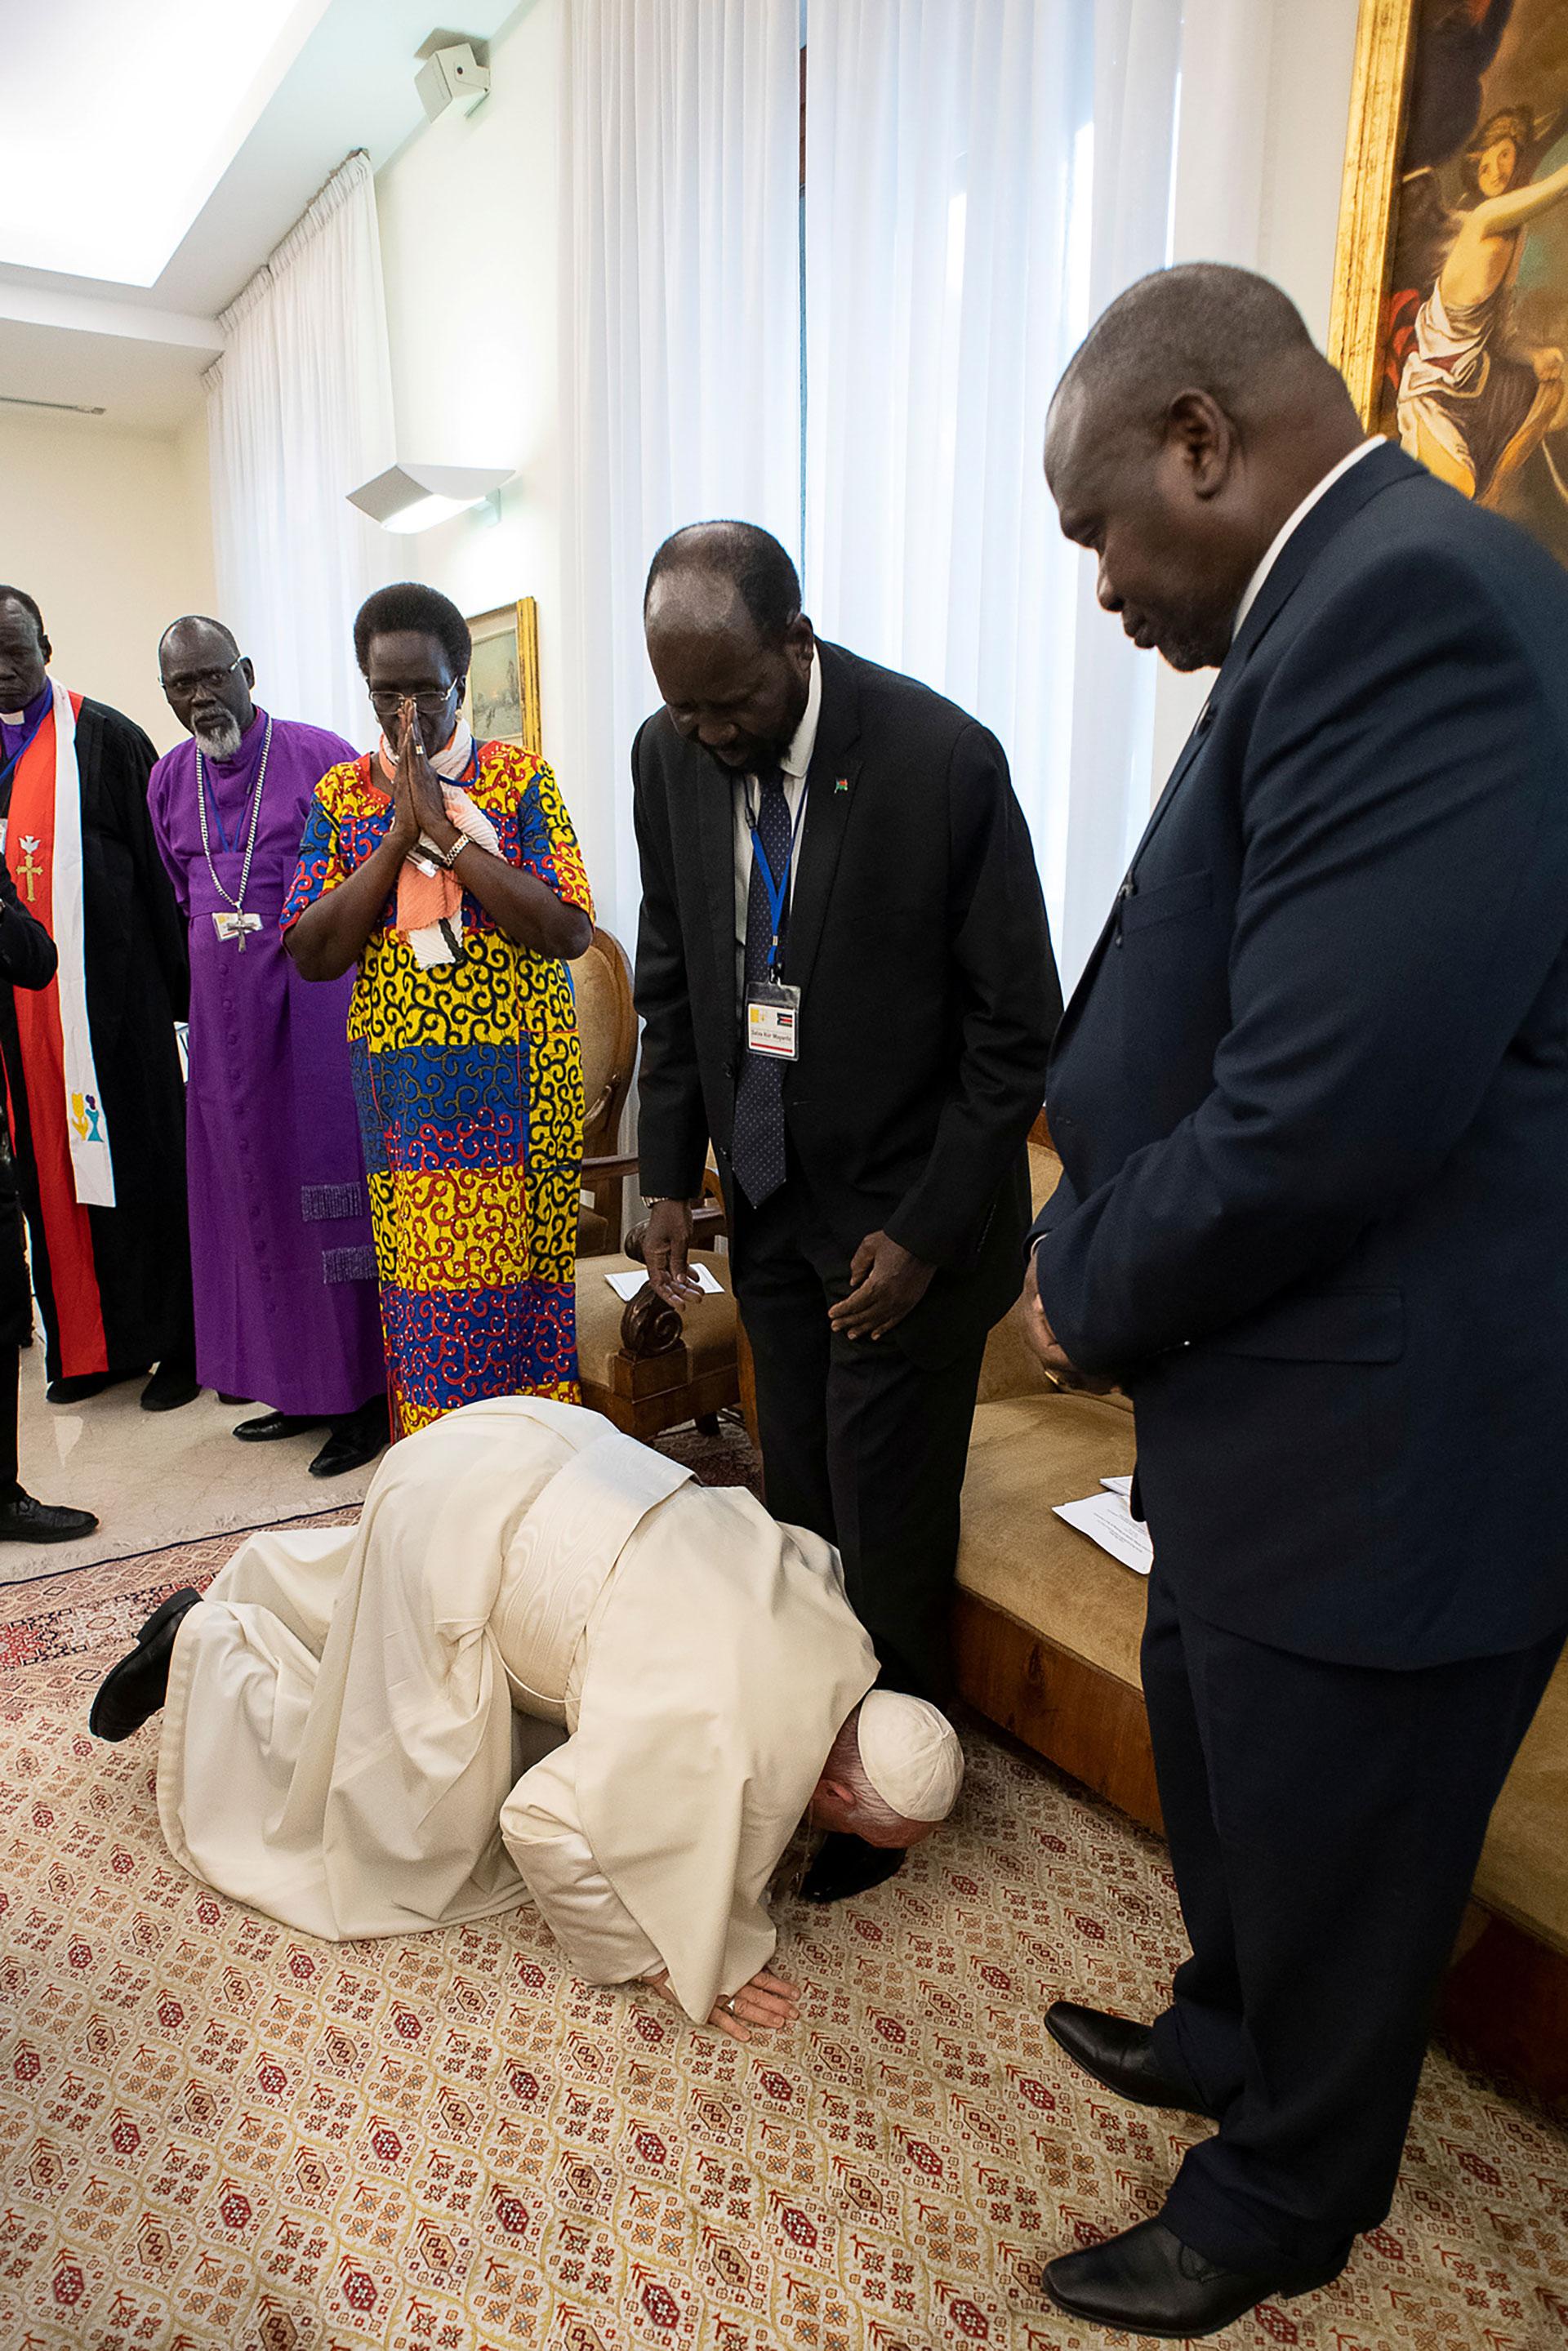 Папа встал на колени перед лидерами Судана, чтобы они закончили войну